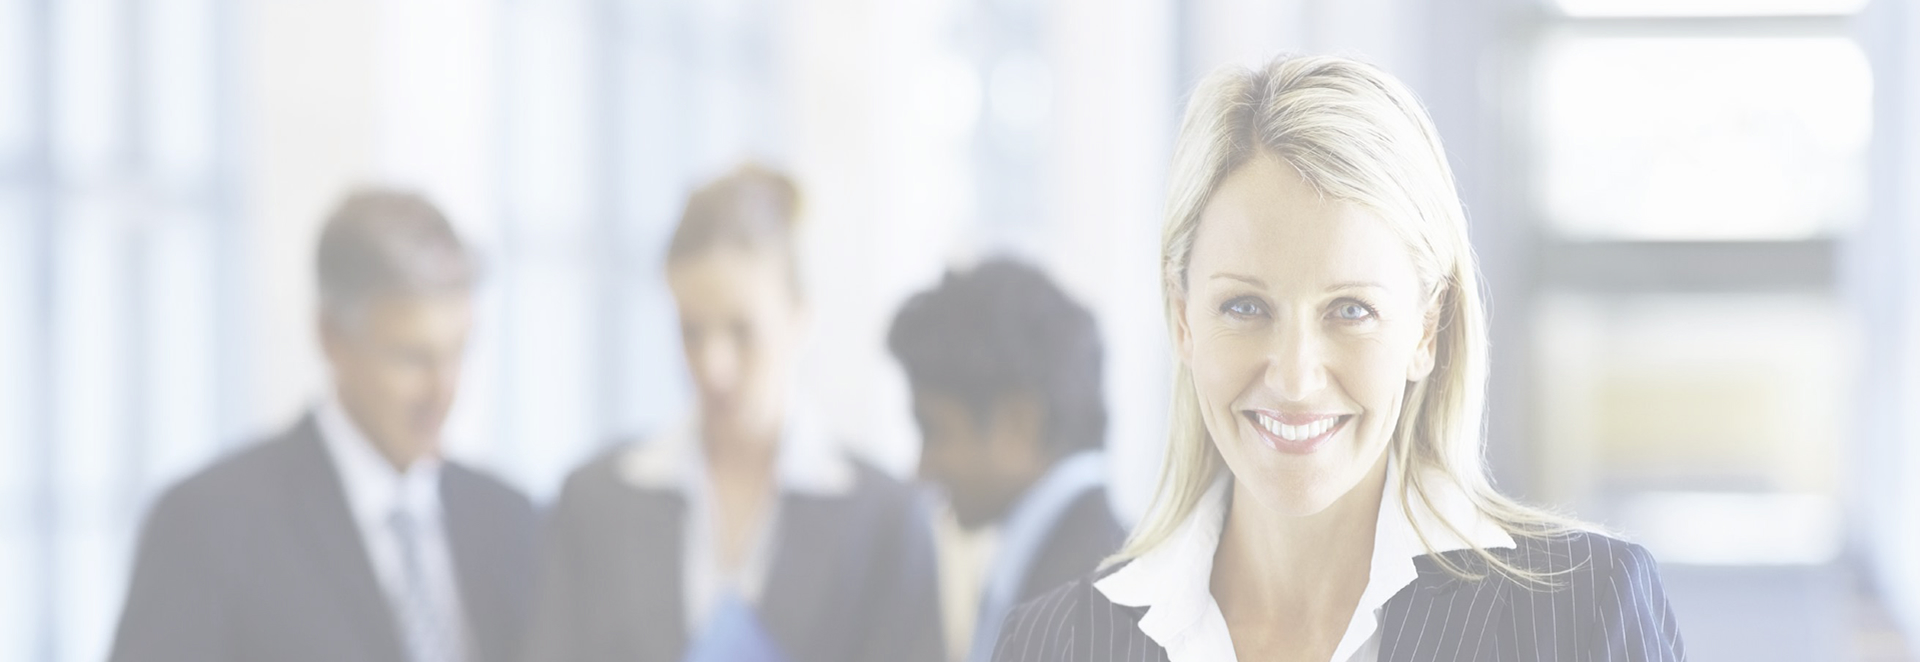 Ein wesentlicher Baustein für unseren Erfolg sind hervorragend qualifizierte, motivierte Mitarbeiter. Über gesamtes Unternehmen hinweg können wir auf ein eingespieltes Team zählen.